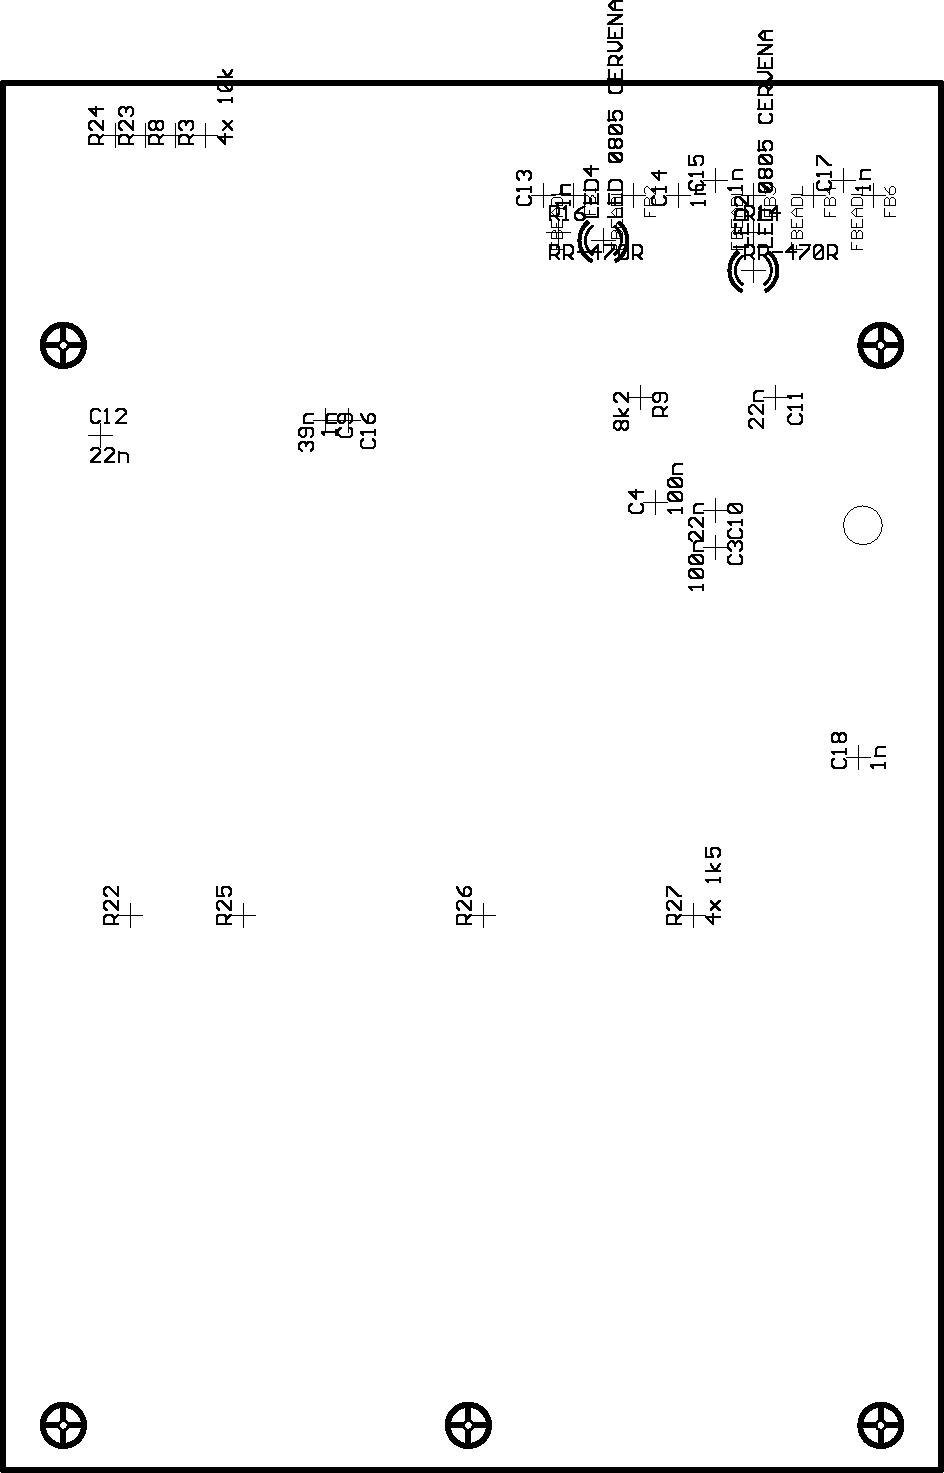 File:Rproc50ob png - Tučňák Wiki